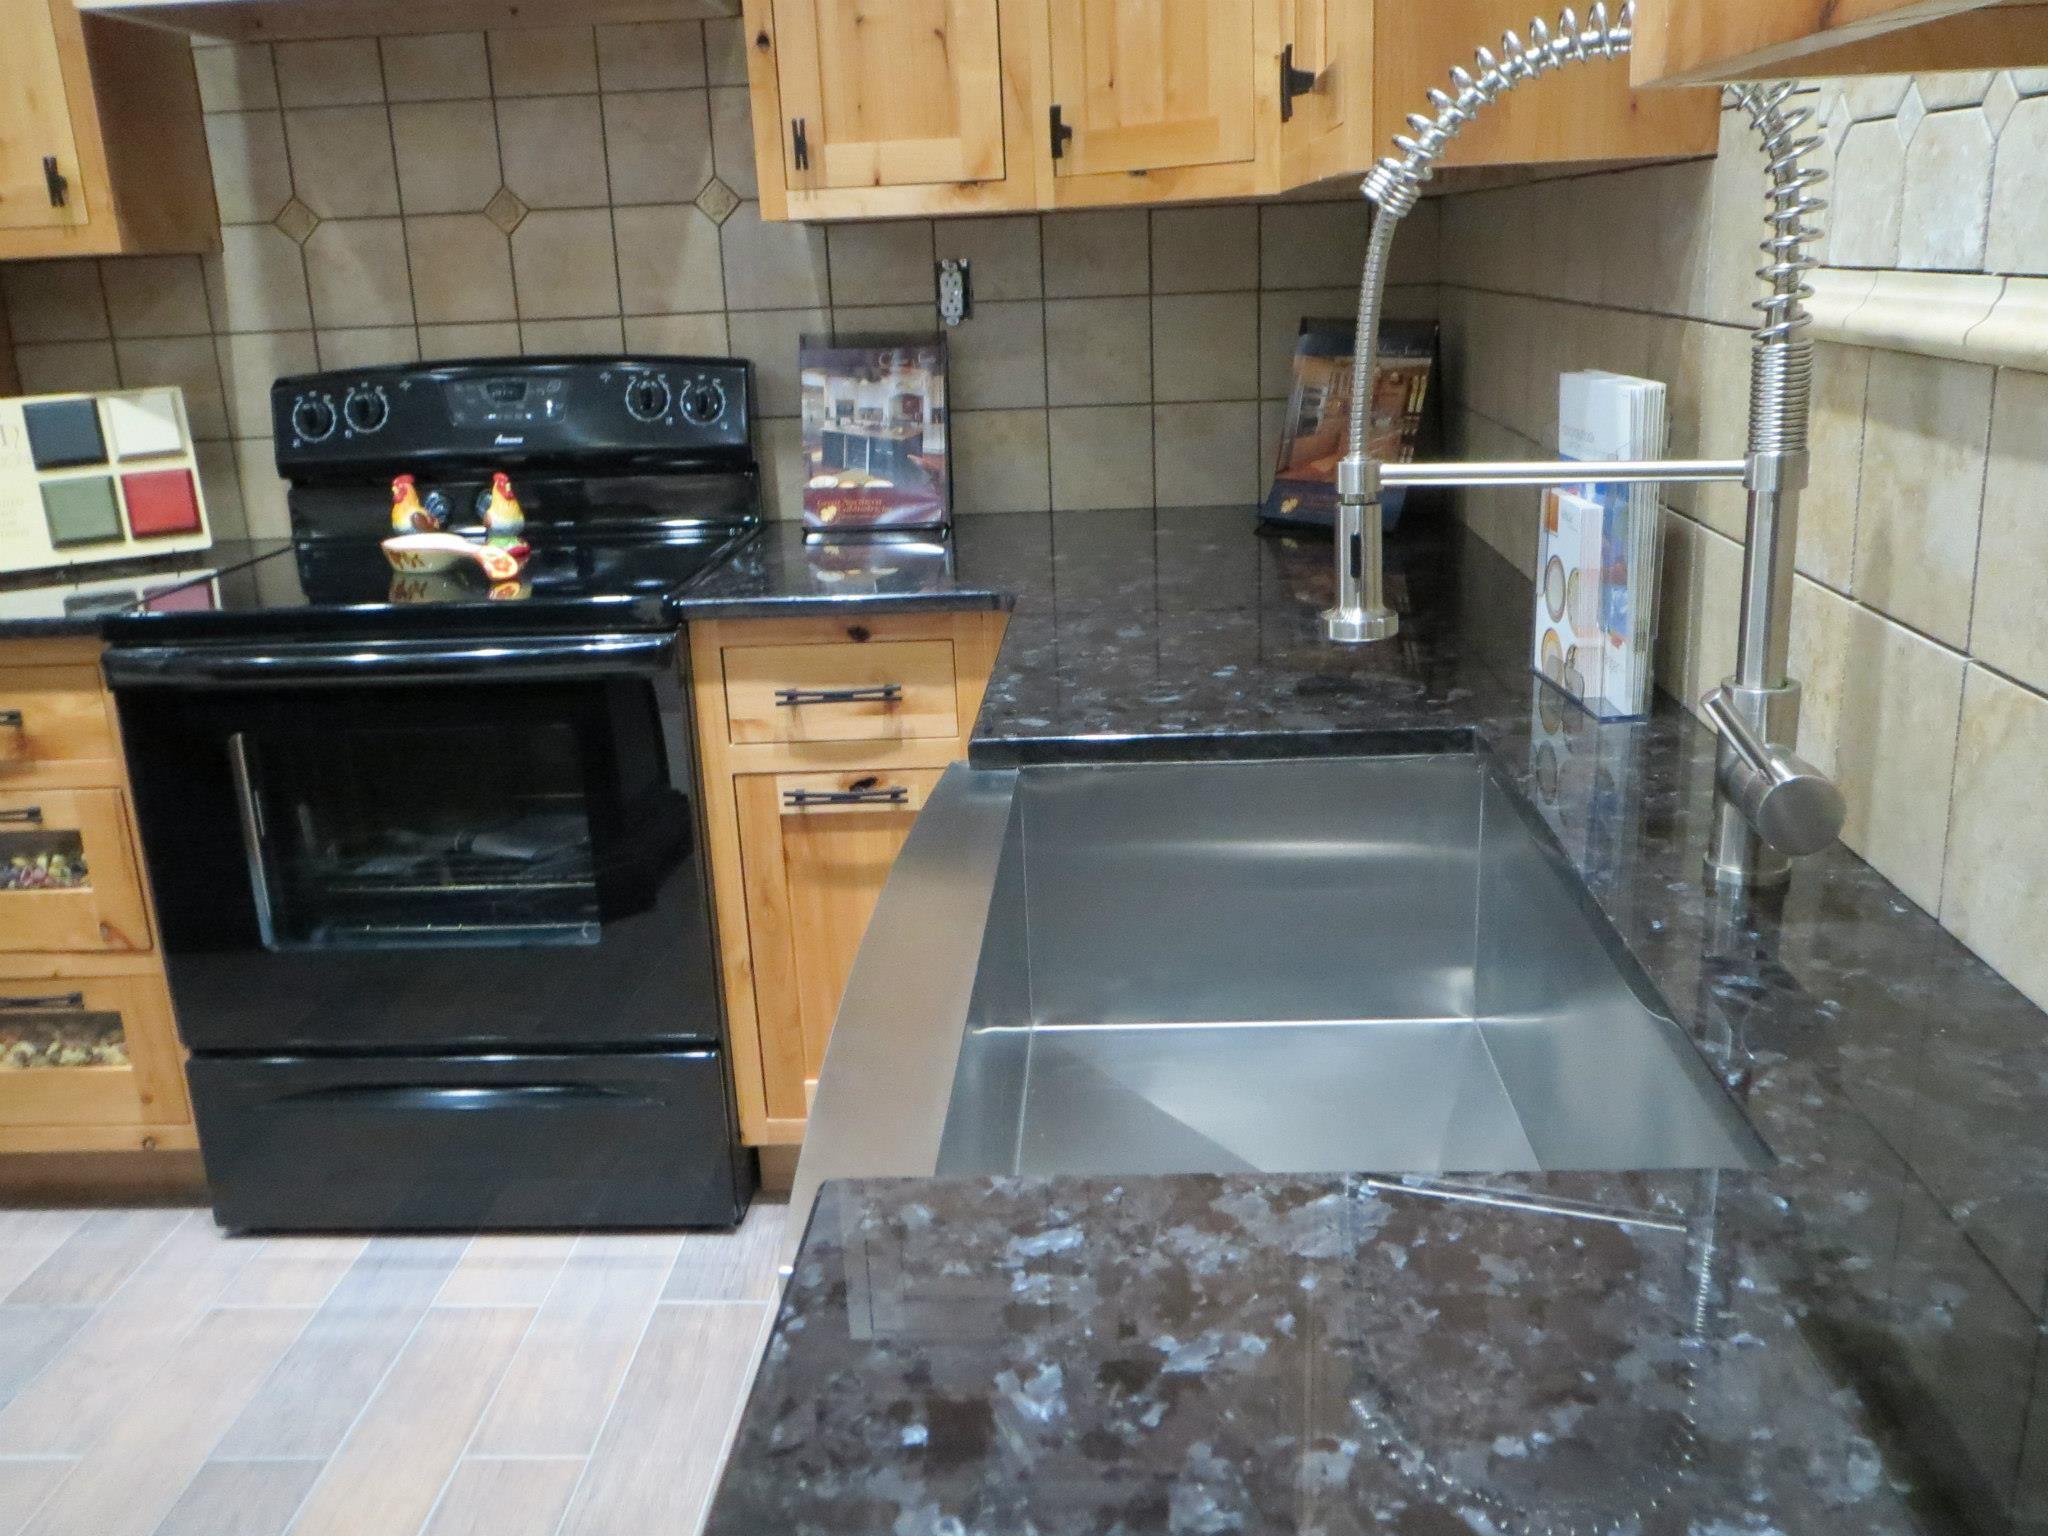 Koh Granite Marble Cherry Hill Nj Upper Level With 1 4 Bevel Edge